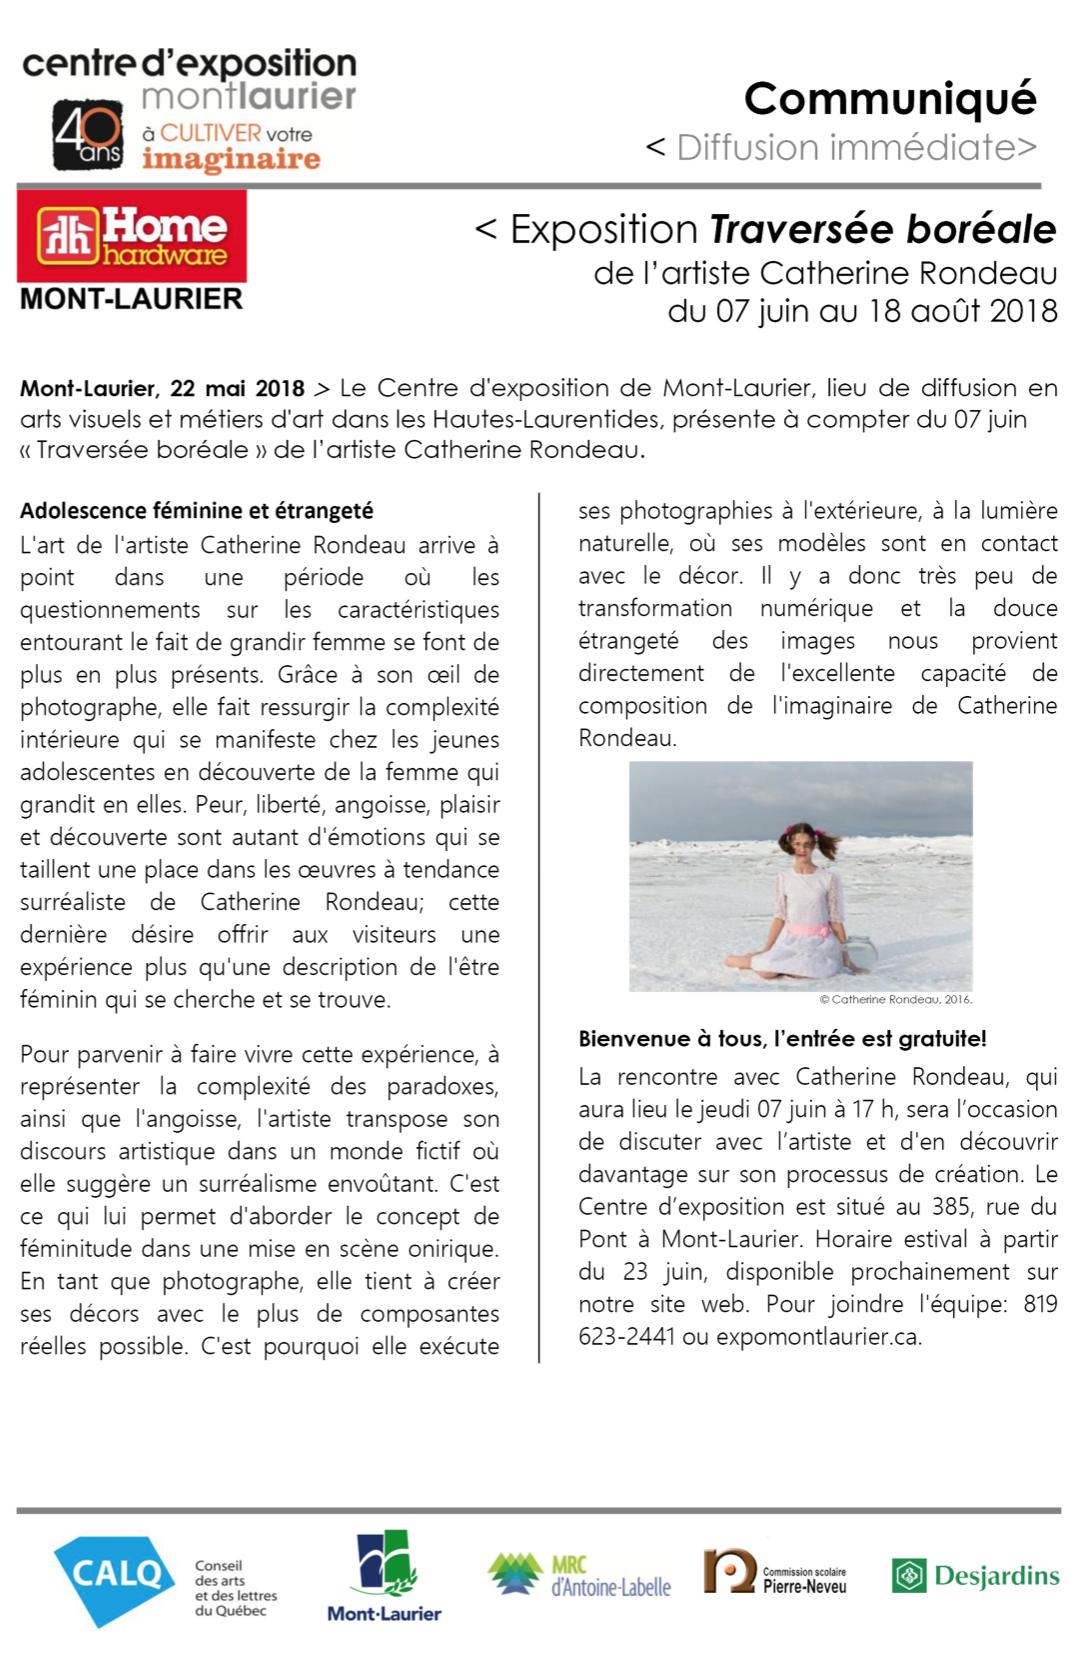 Communiqué de presse annonçant l'exposition de Catherine Rondeau au Centre d'exposition Mont-Laurier